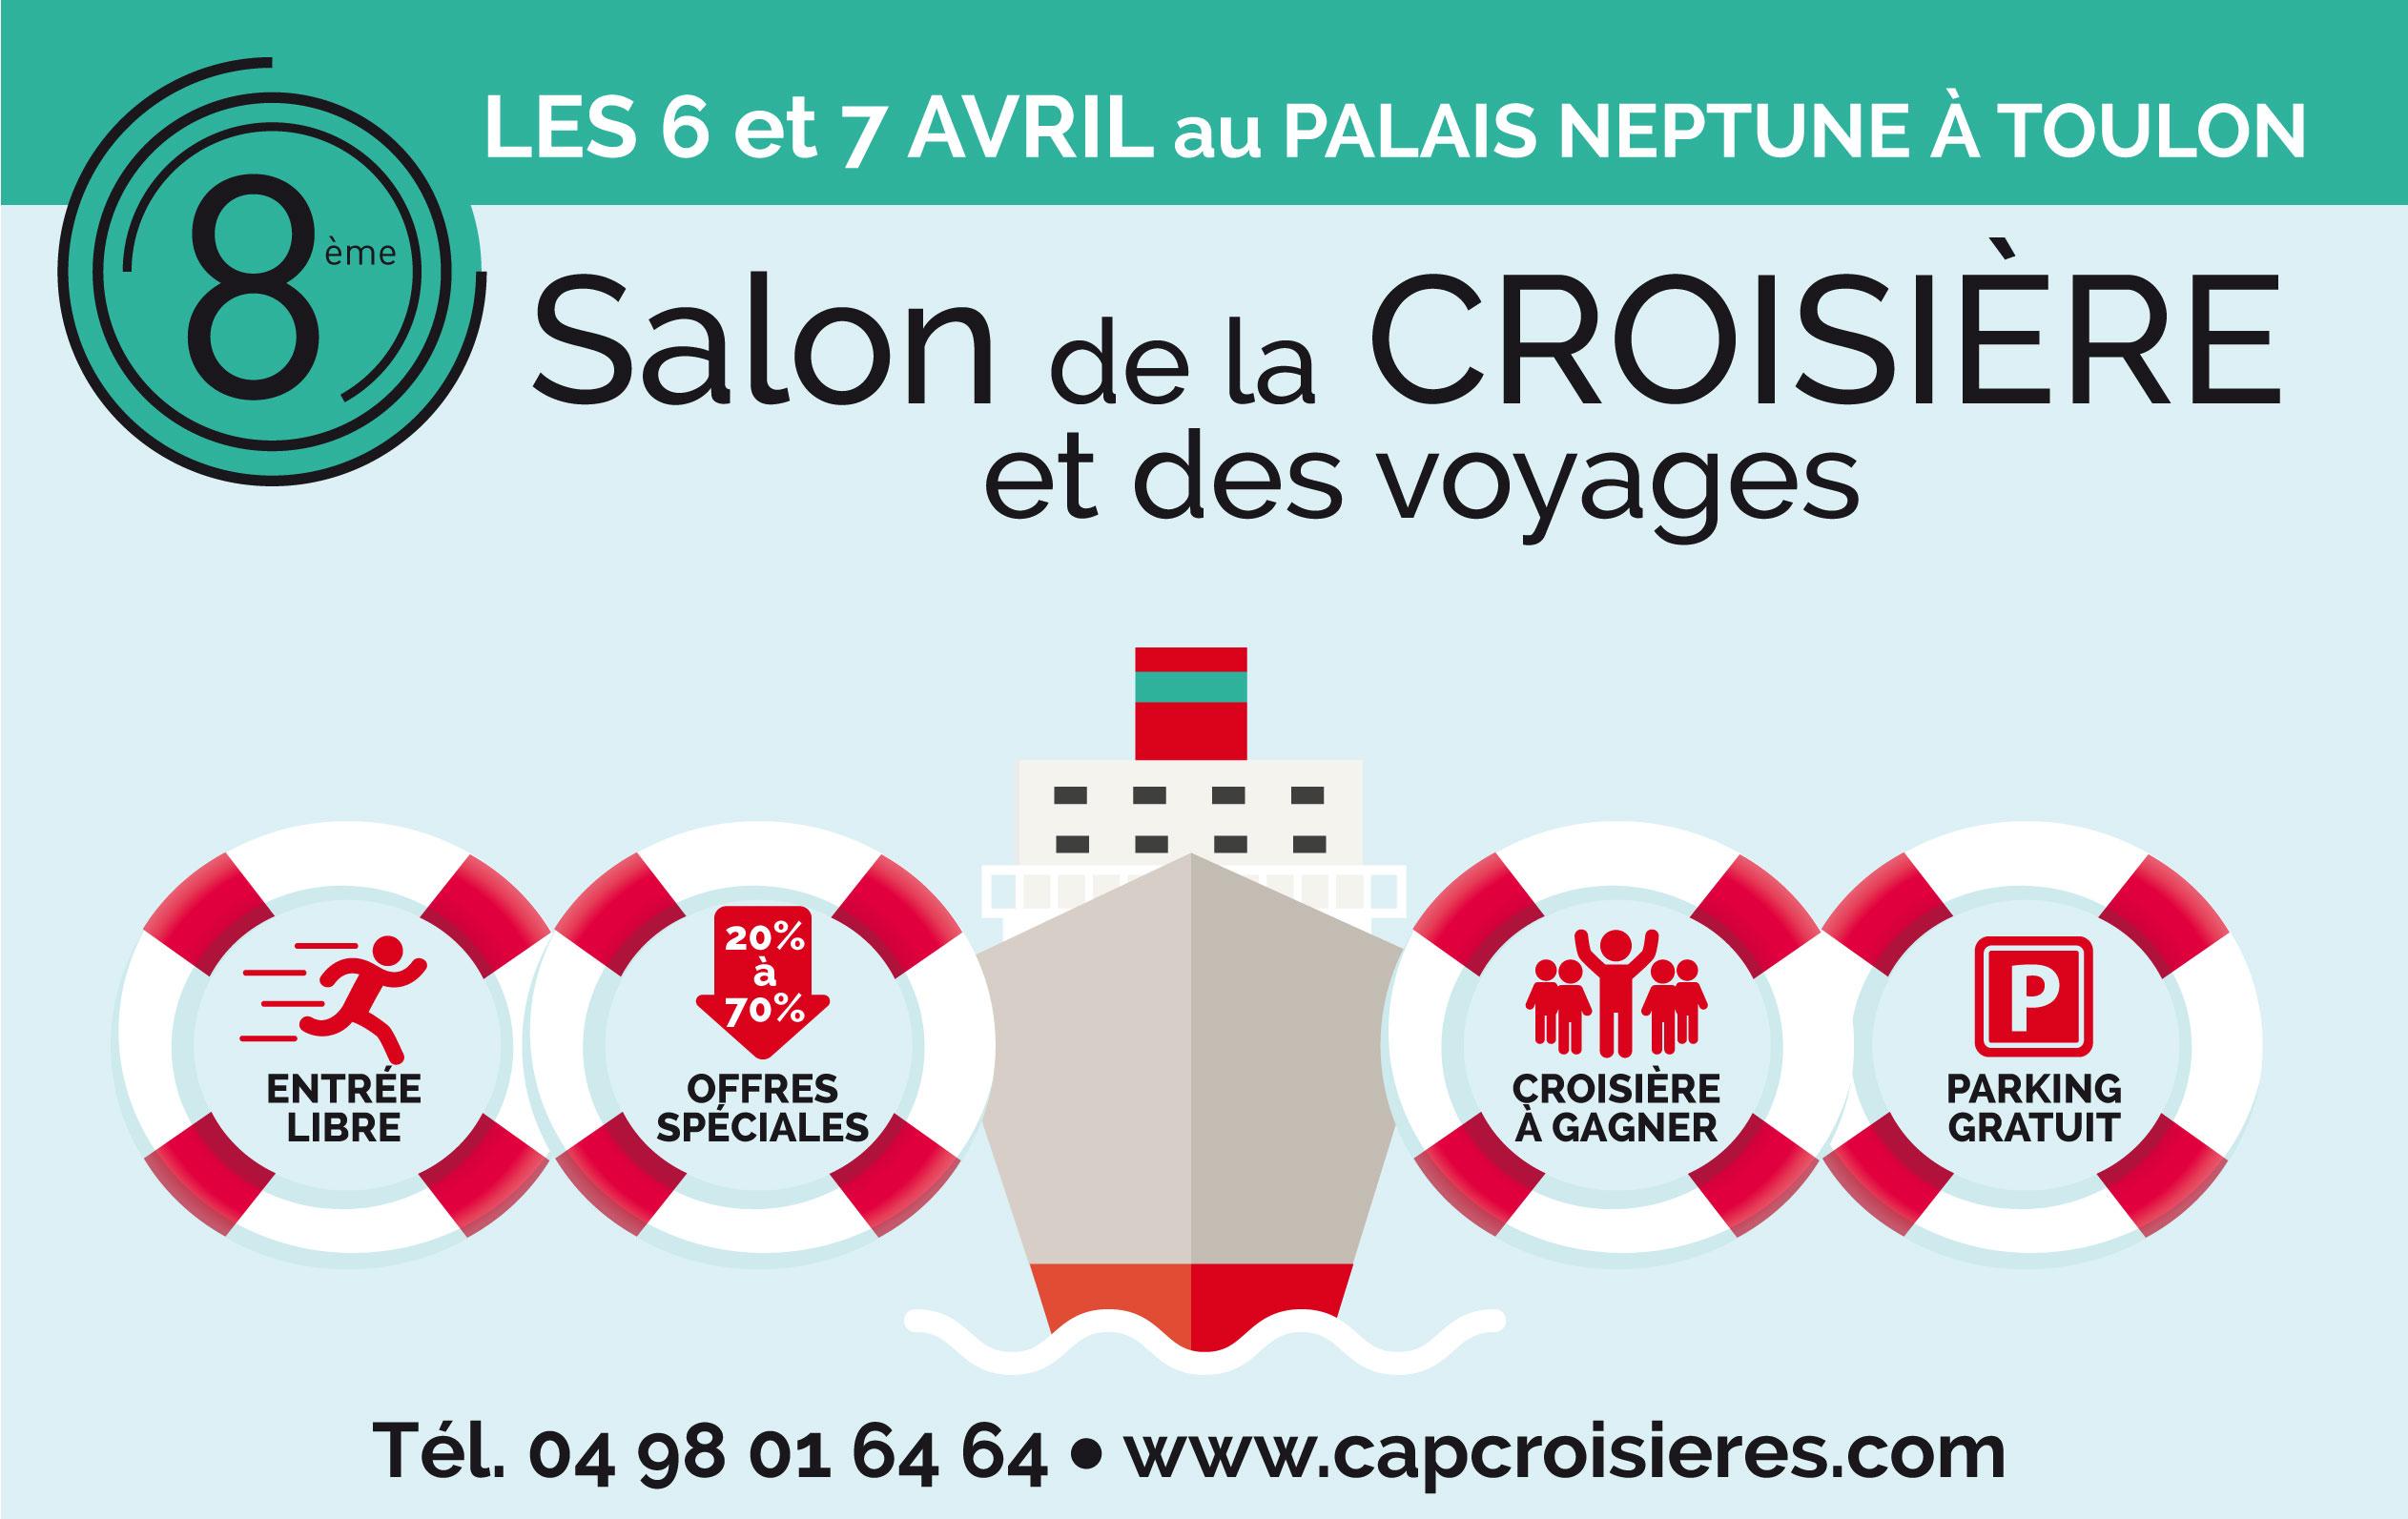 Le salon de la croisière et des voyages à Toulon